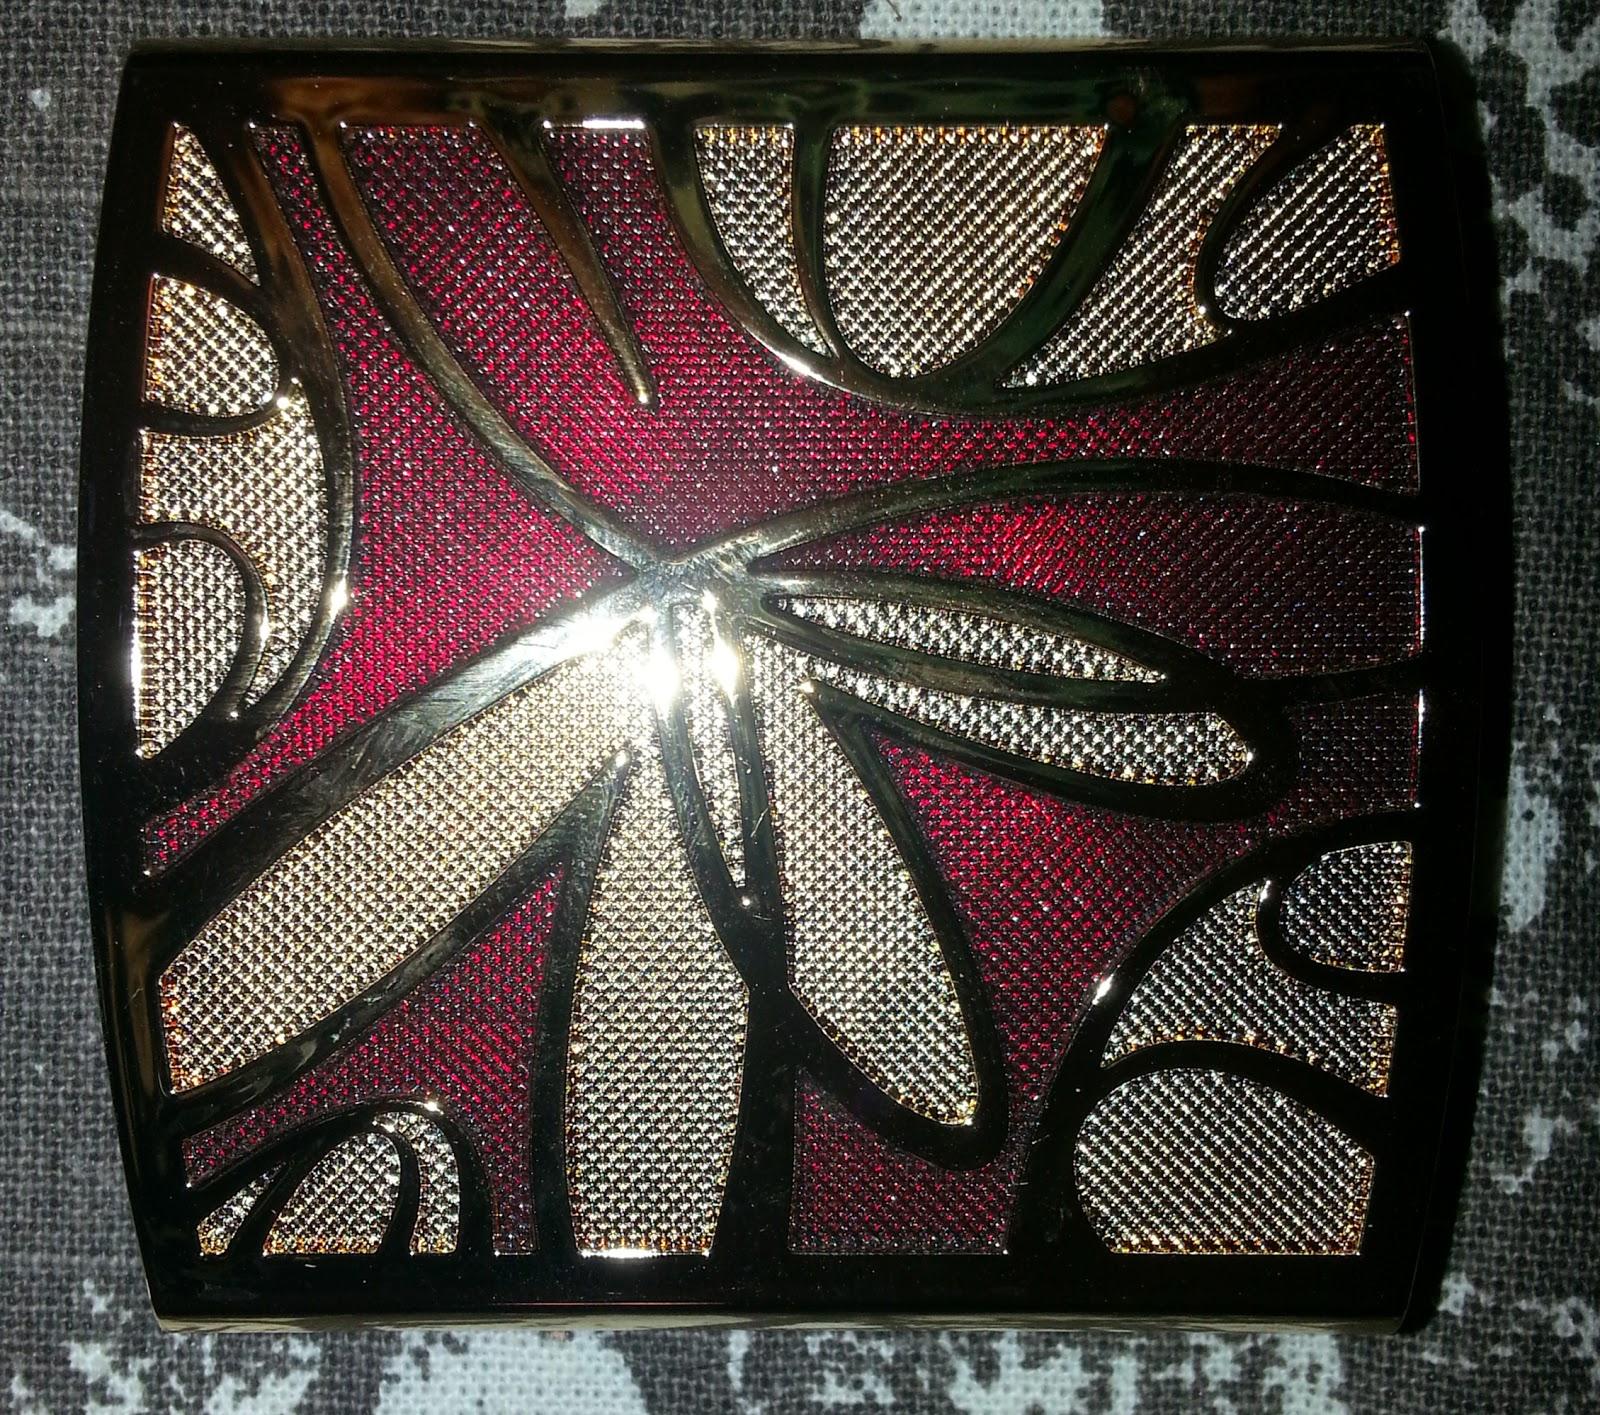 Missha Signature Velvet Art Shadow Quad in Peach Combination